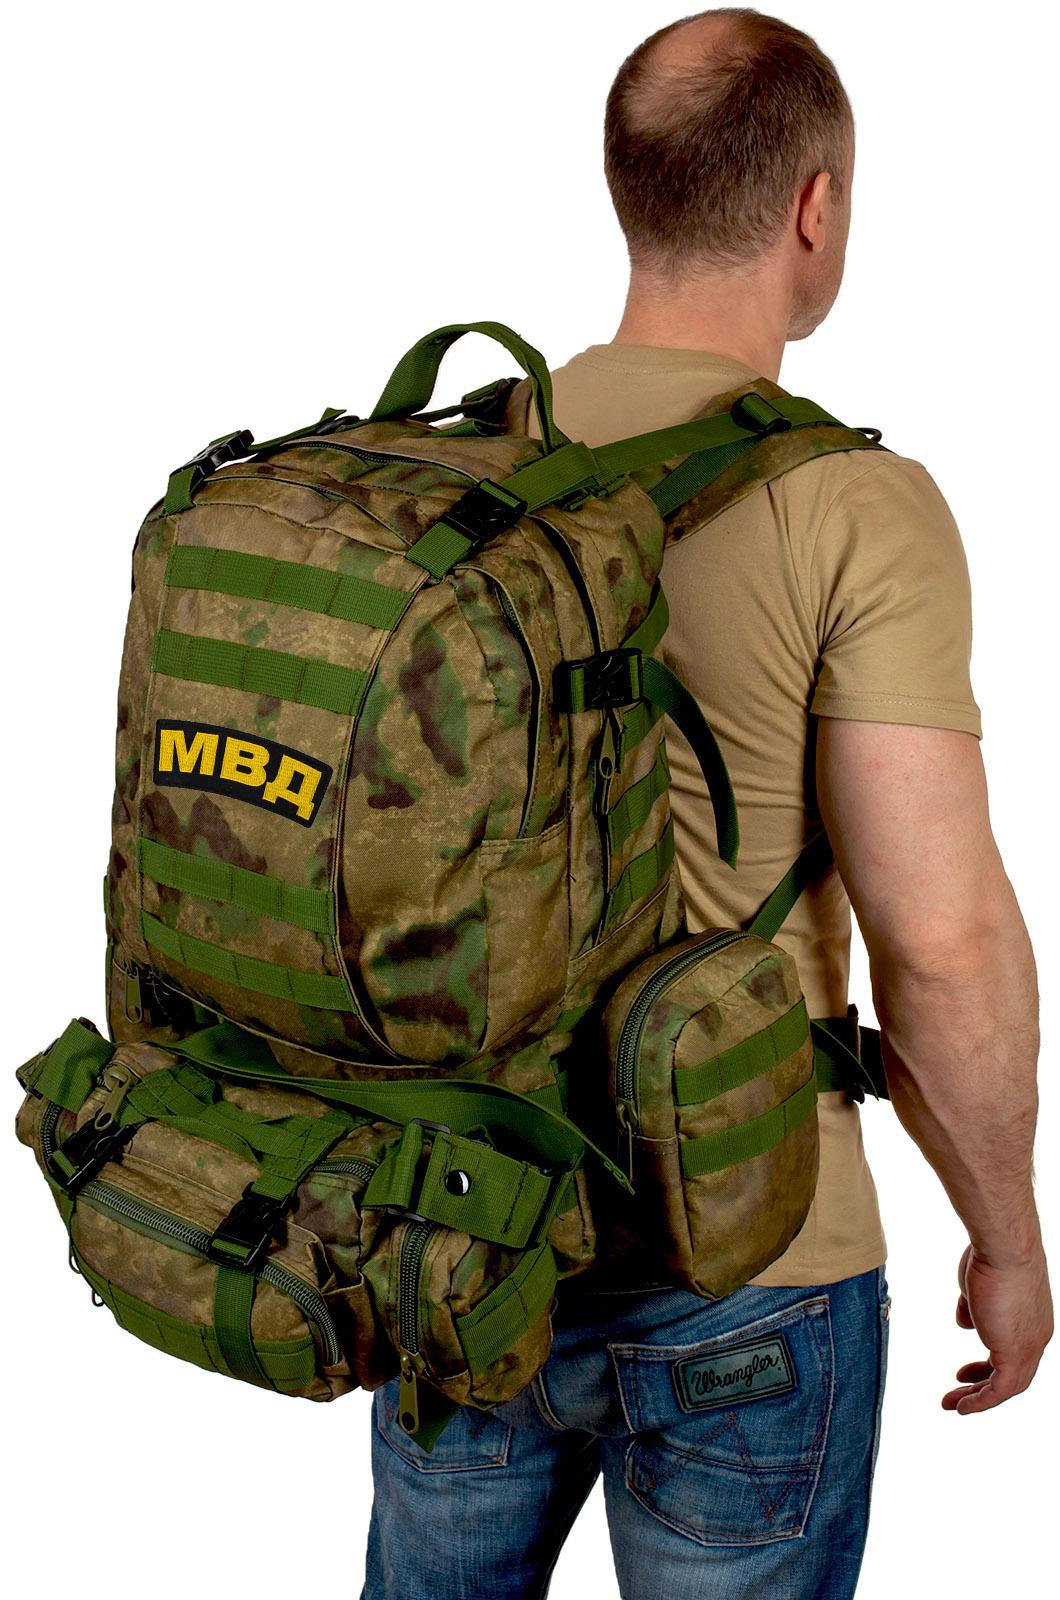 Камуфляжный большой рюкзак-трансформер МВД - заказать с доставкой